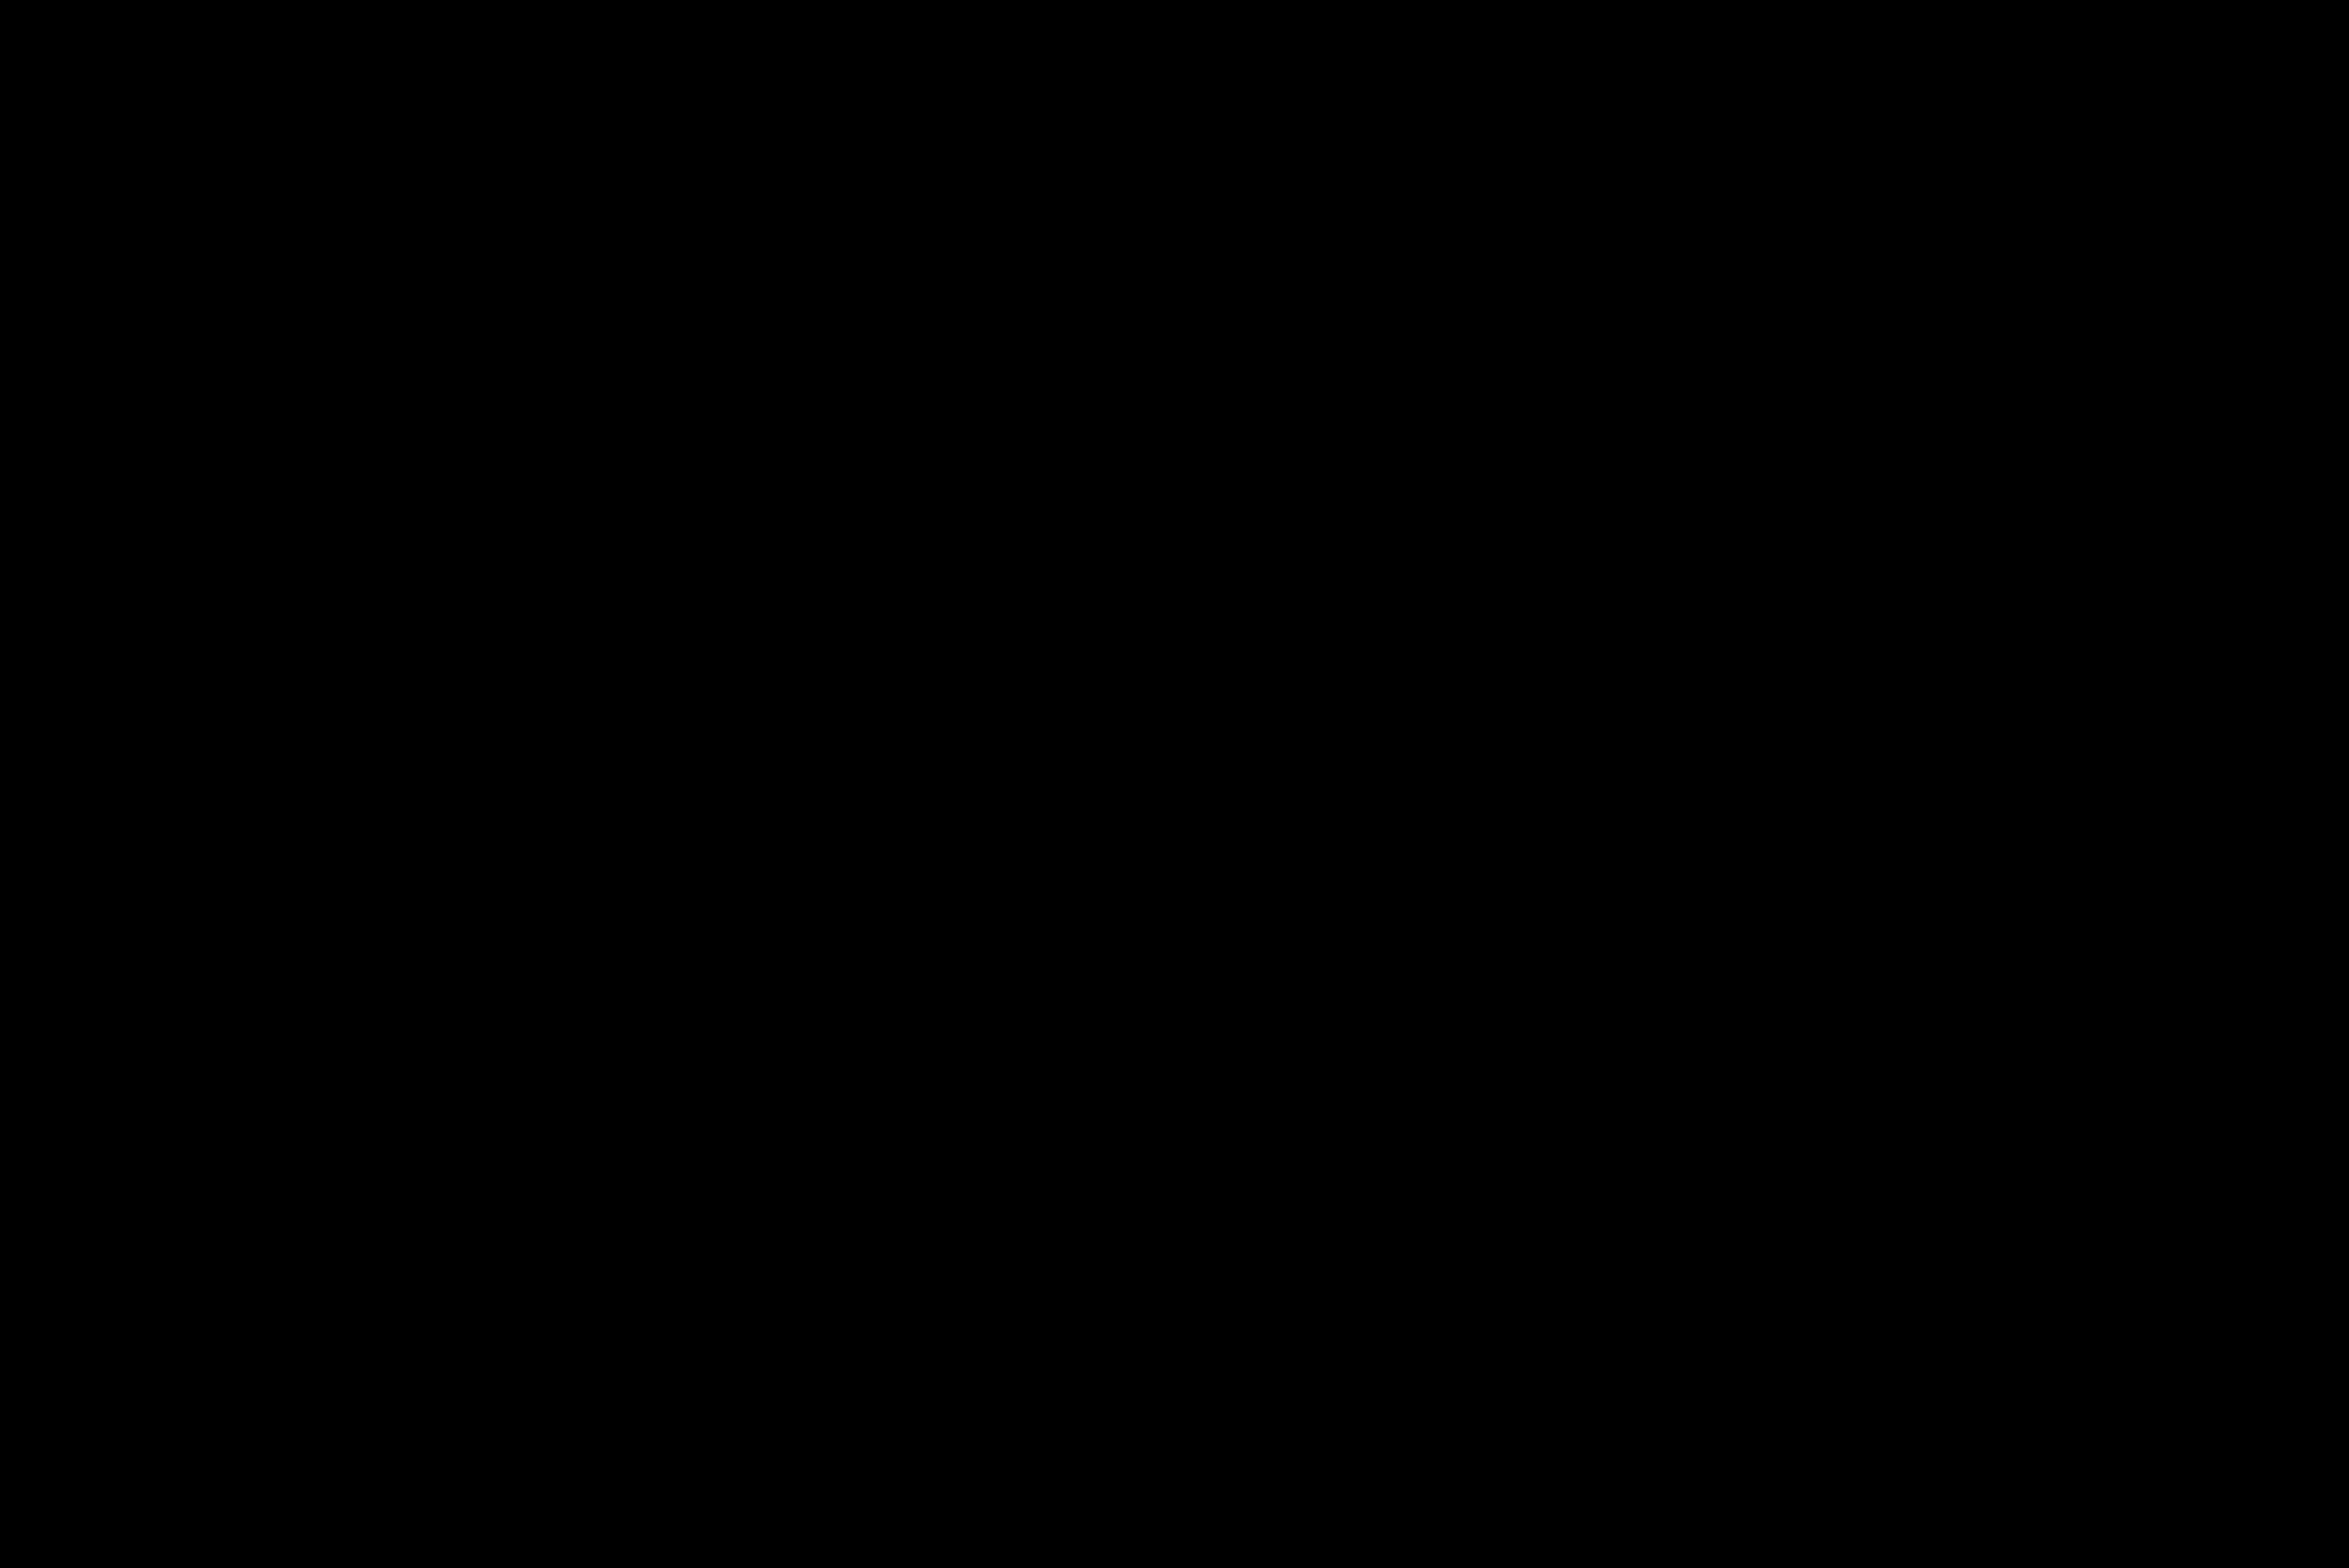 shp-sydneycody-1027